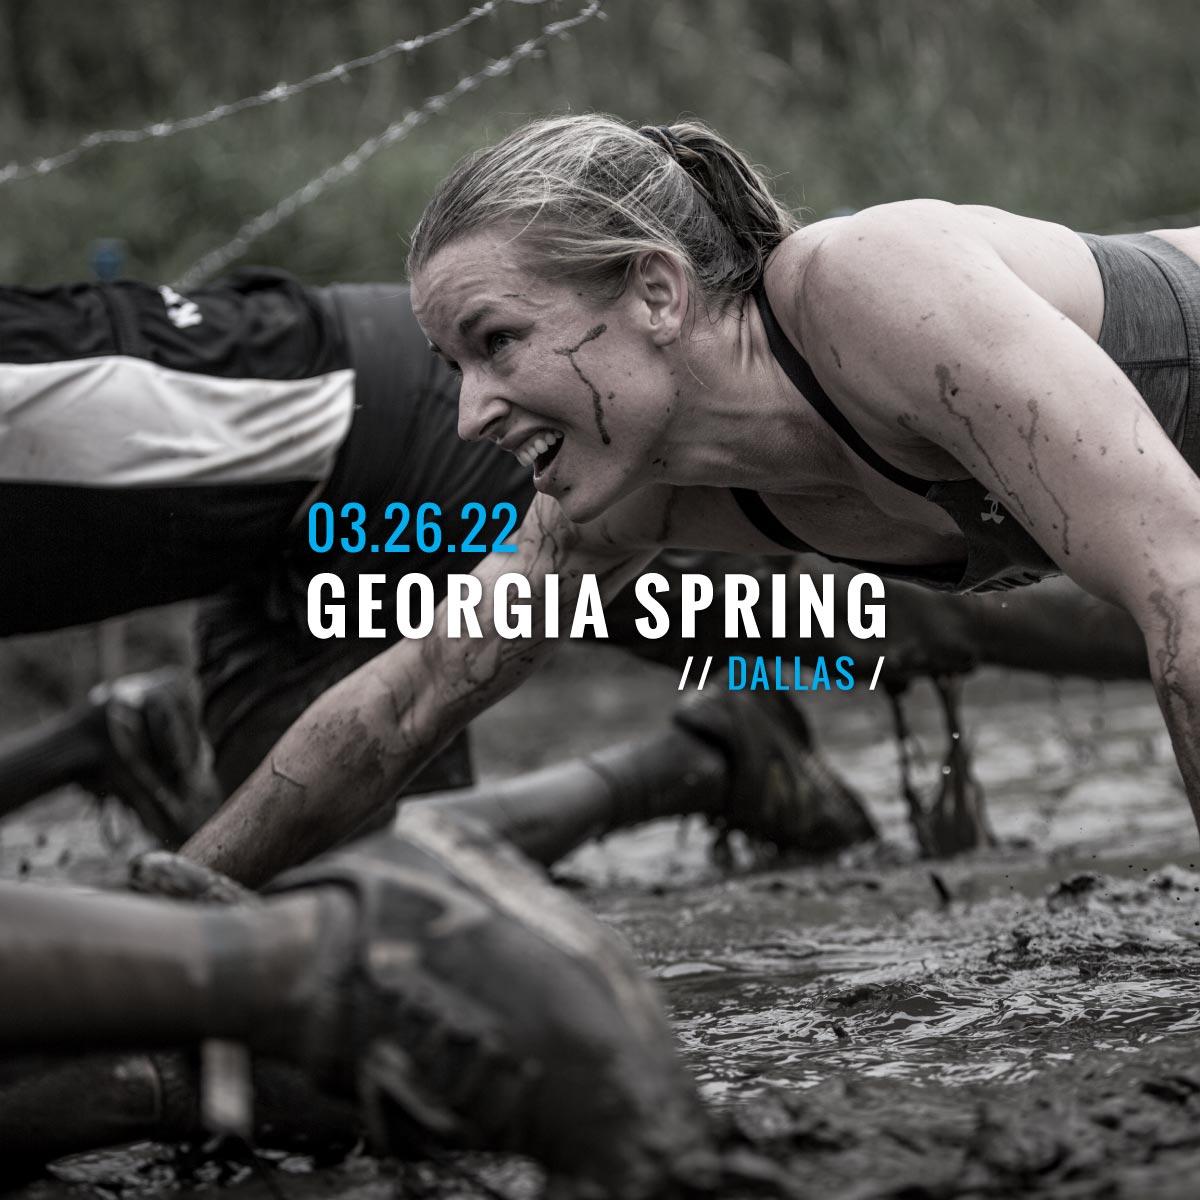 Savage Race Georgia Spring 2022